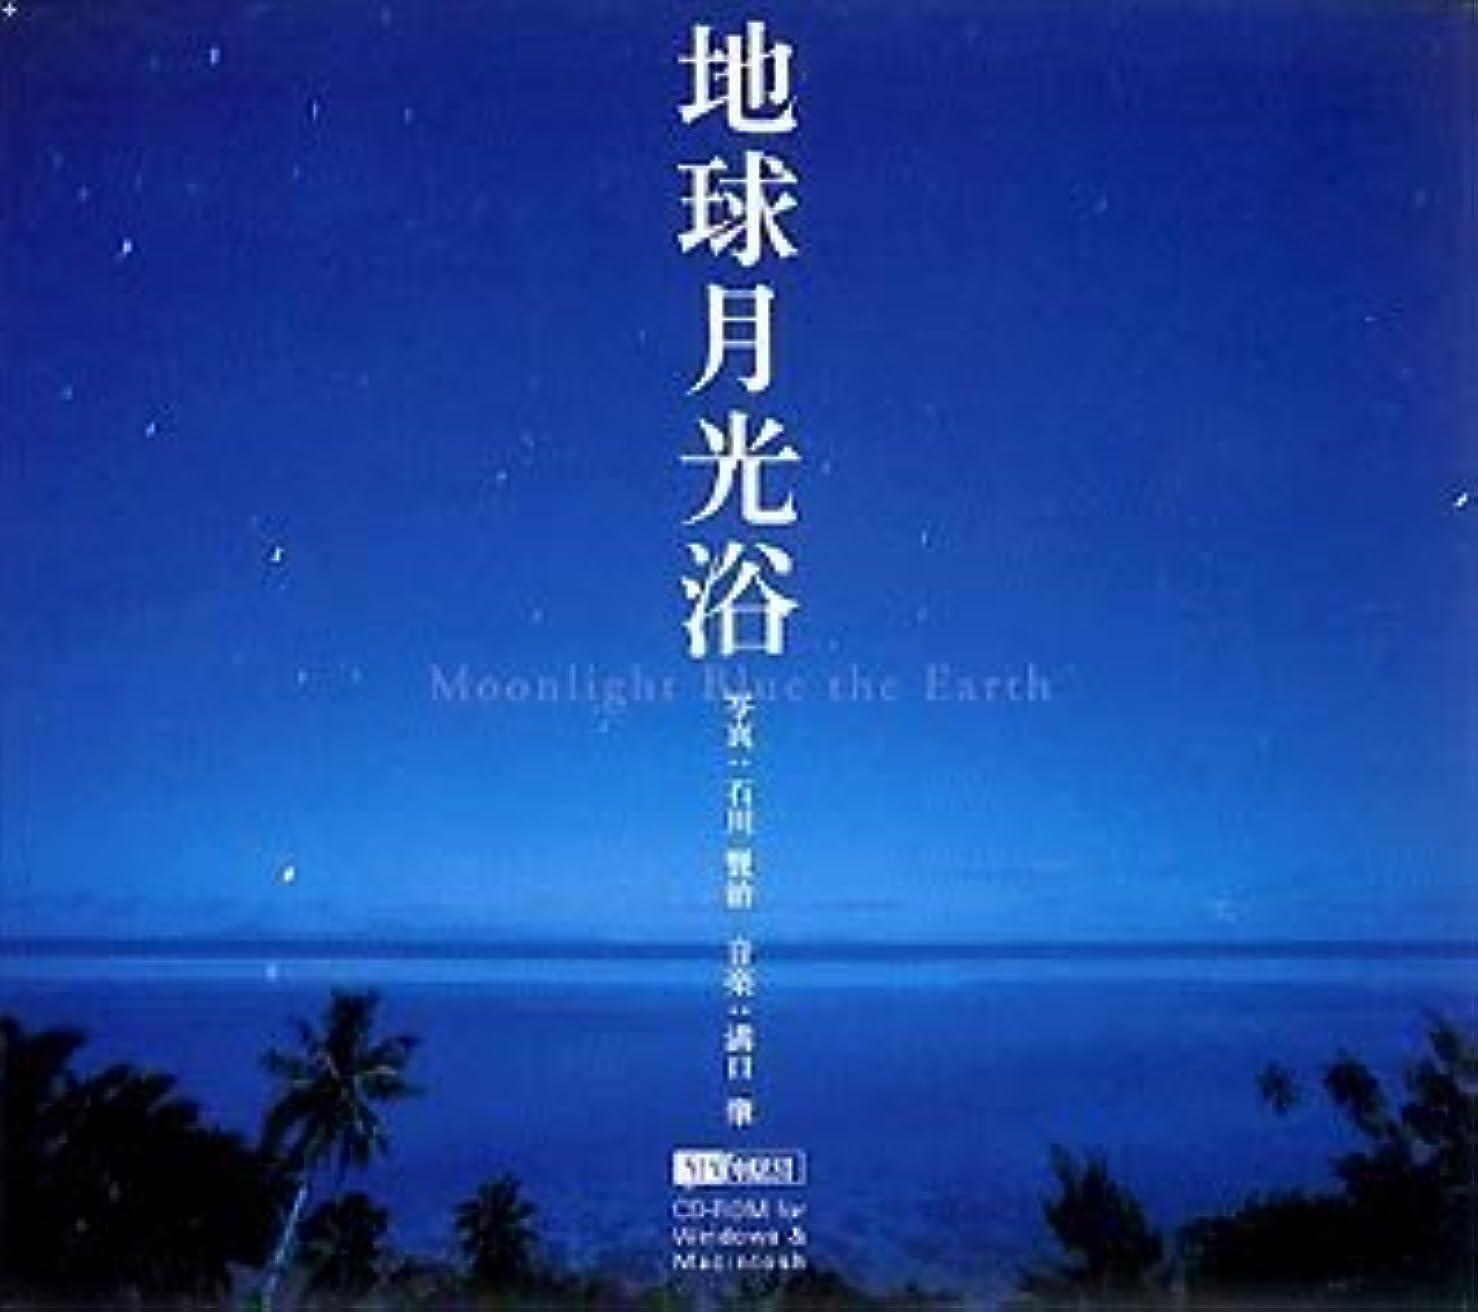 手のひら国民感染する地球月光浴 石川賢治 Moonlight Blue the Earth